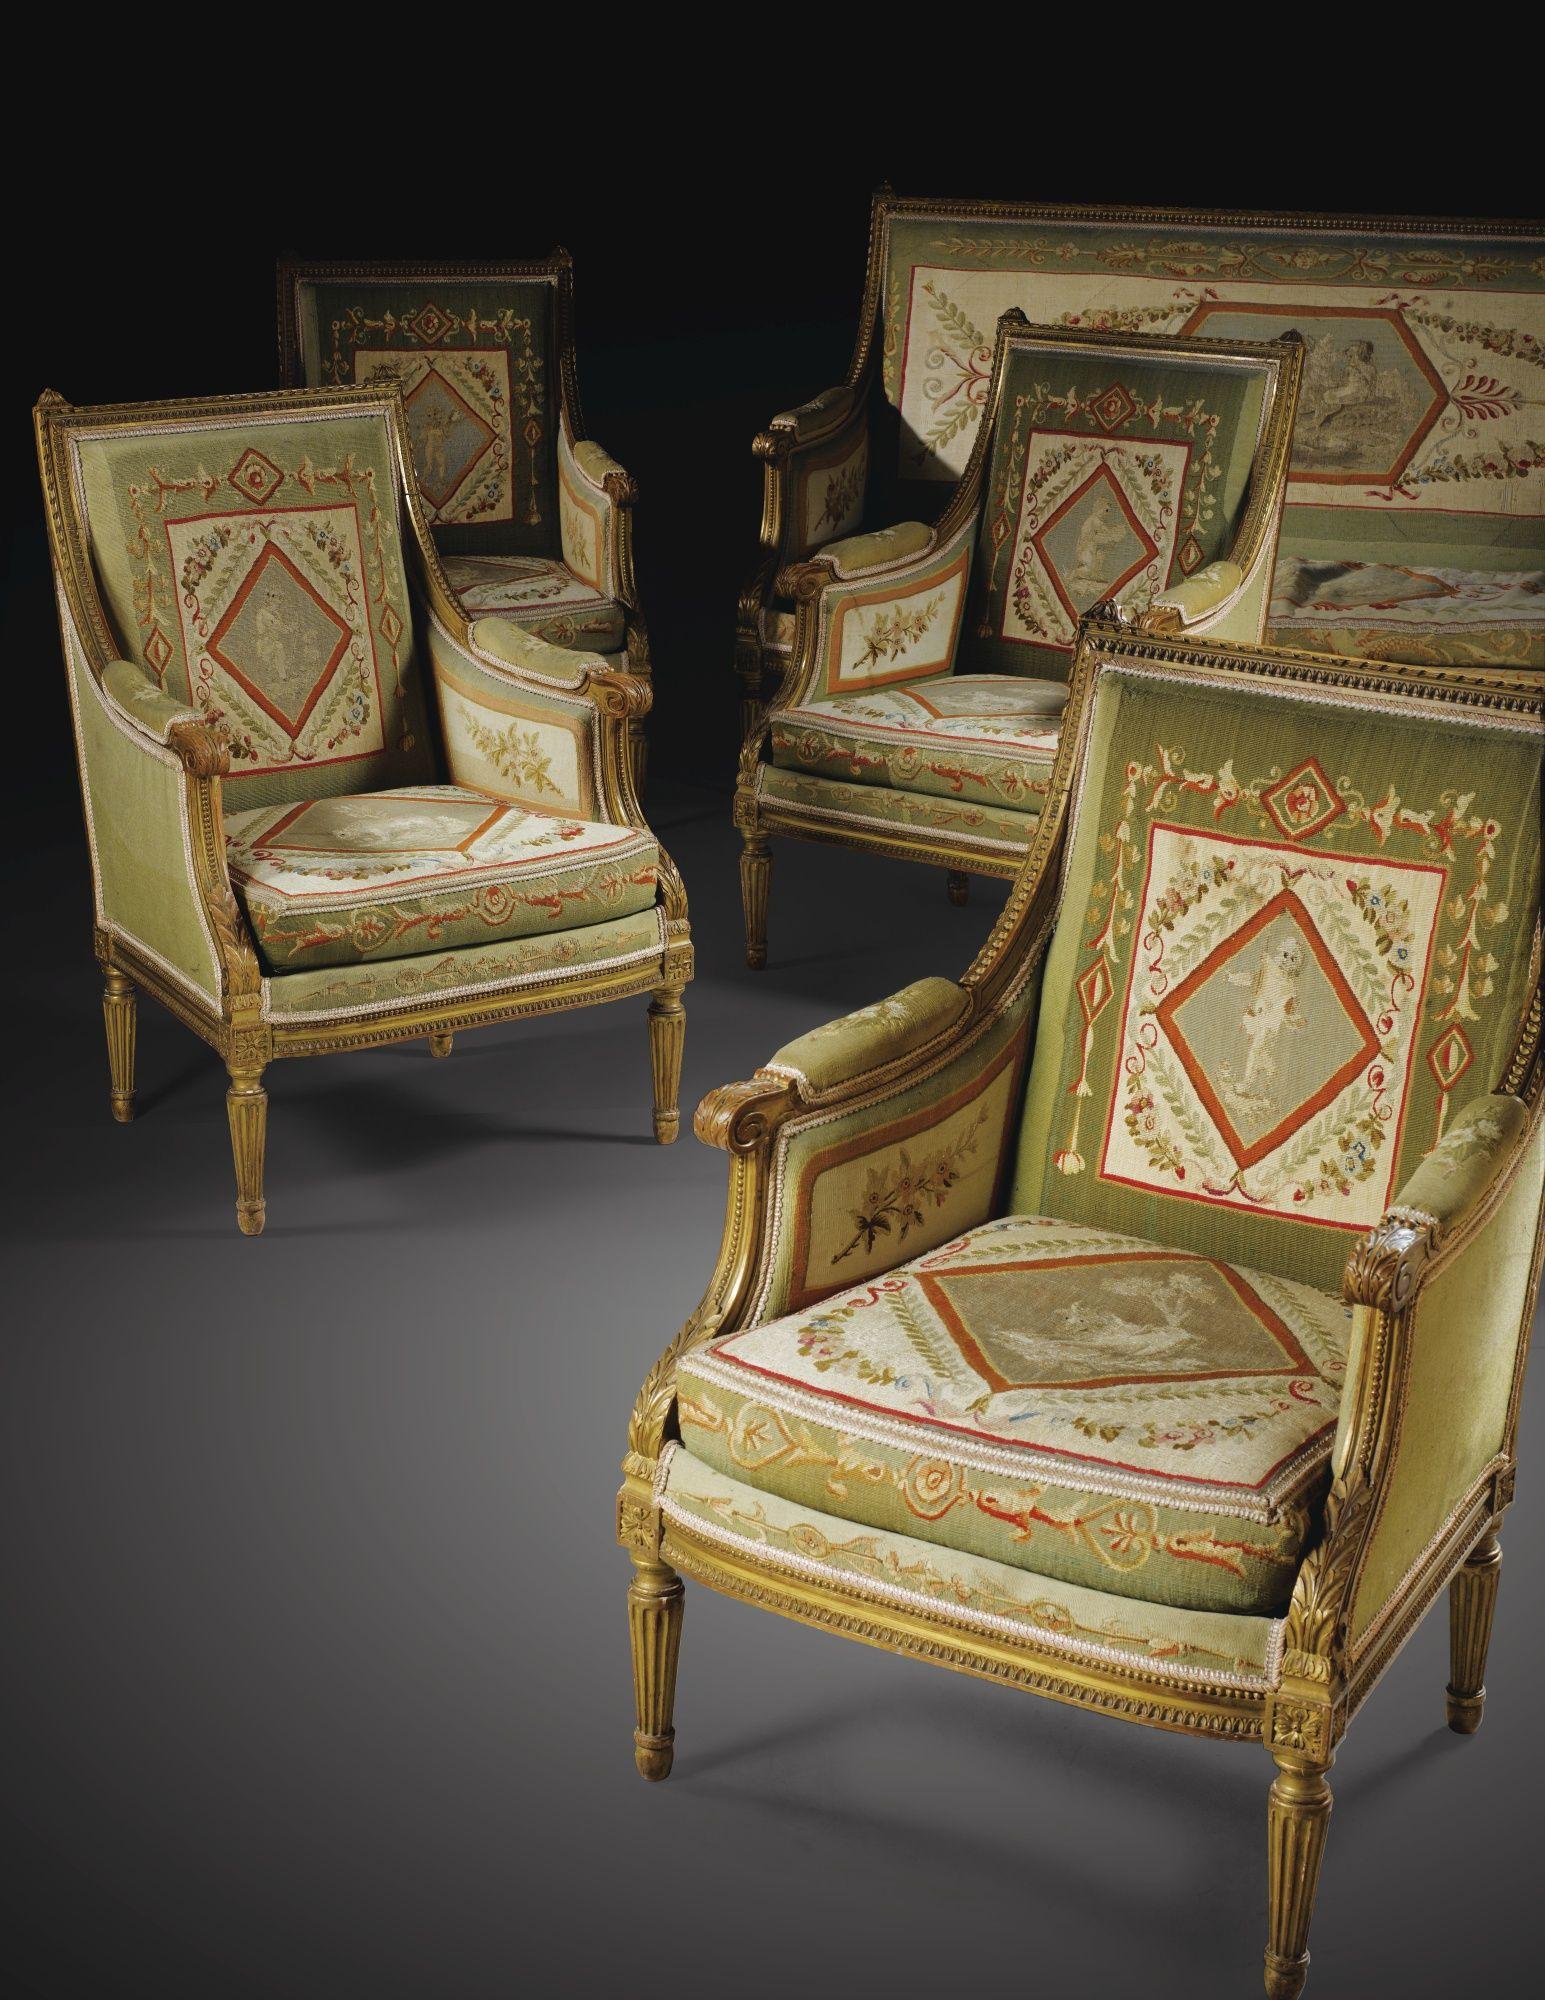 Salon Style Louis 16 mobilier de salon en bois dorÉ de style louis xvi, fin du xixe